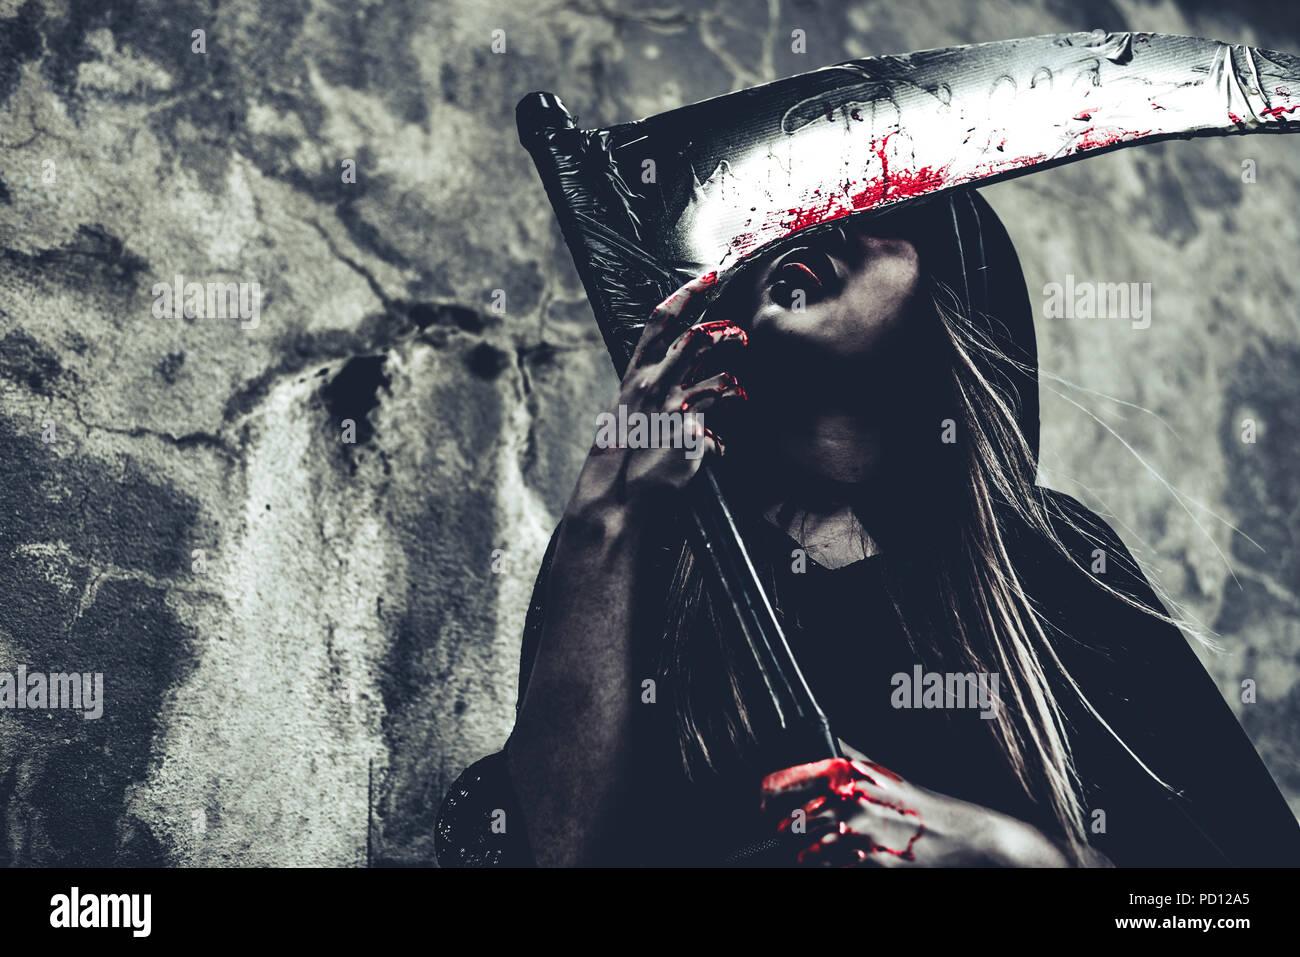 Strega leccare il sangue su reaper. Demone femminile angelo vestiti di nero e il cofano sulla parete grunge background. Il giorno di Halloween e il mistero del concetto. Fantasia di m Immagini Stock